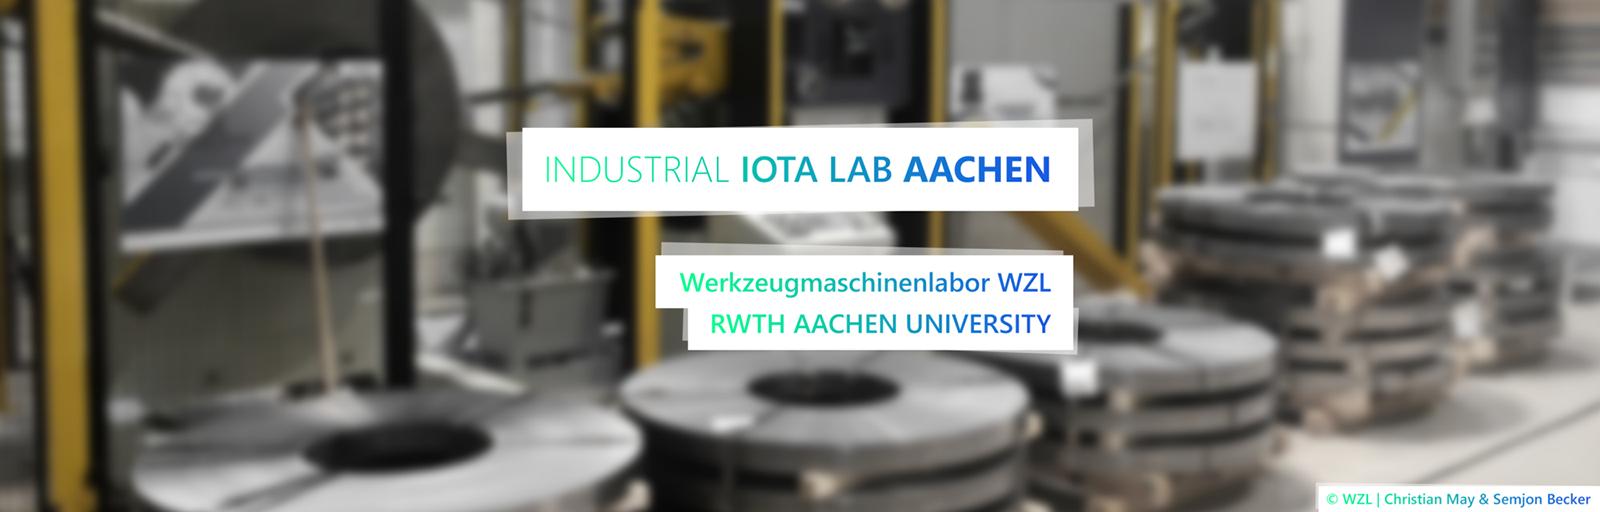 Industrial IOTA Lab Aachen